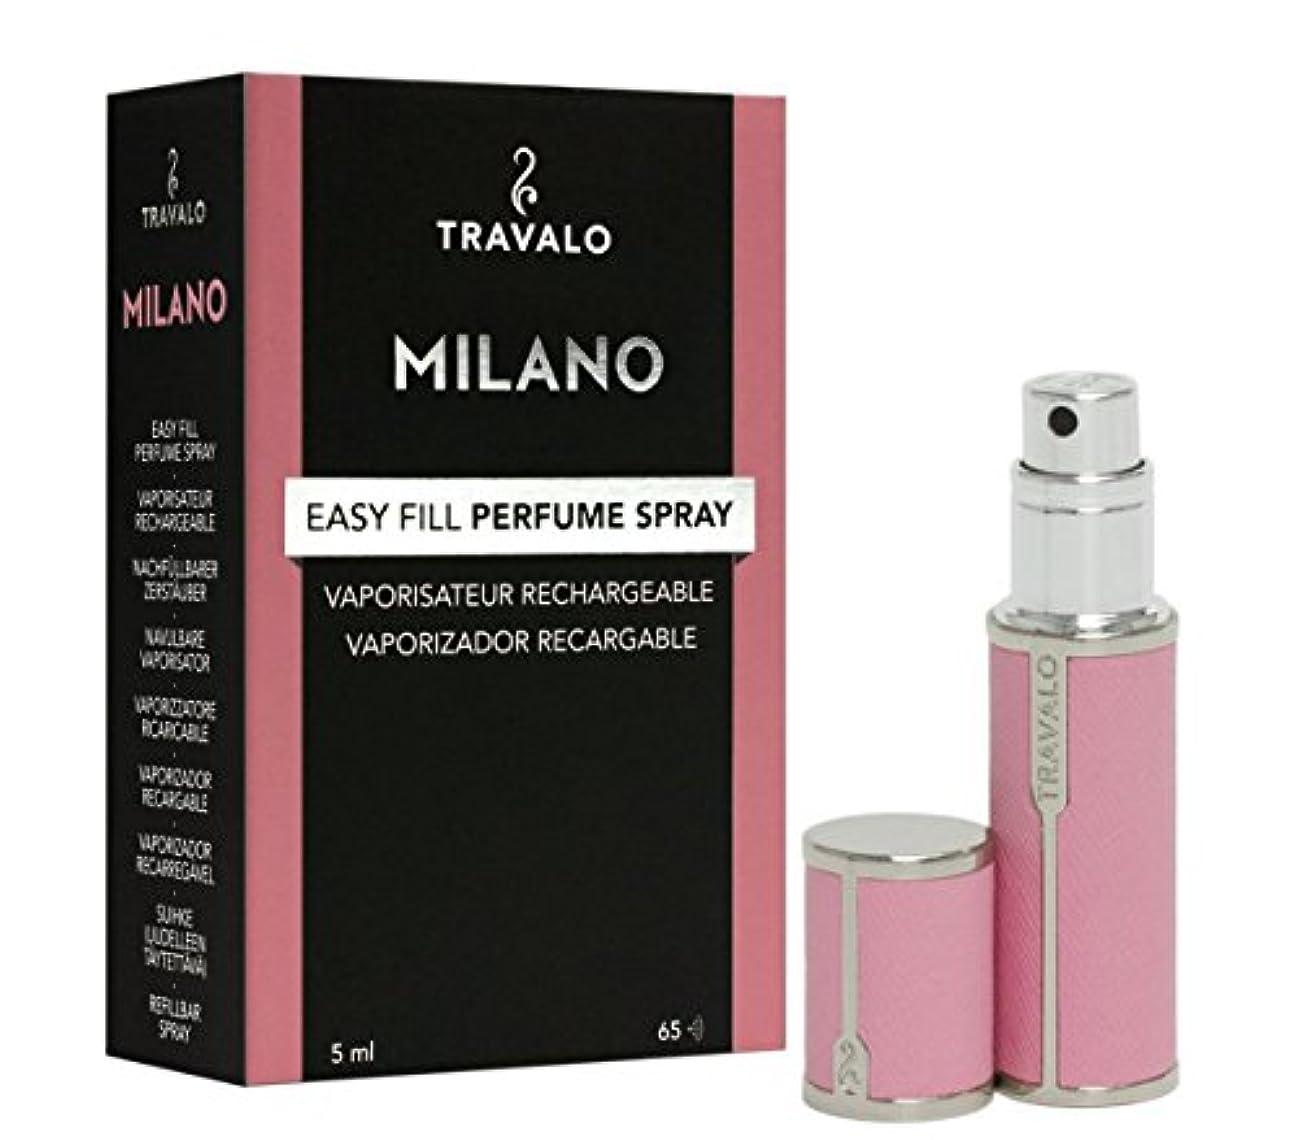 前任者作り眠いですTravalo Milano トラヴァーロ ミラノ 香水 アトマイザー 香水10秒チャージ (ピンク)